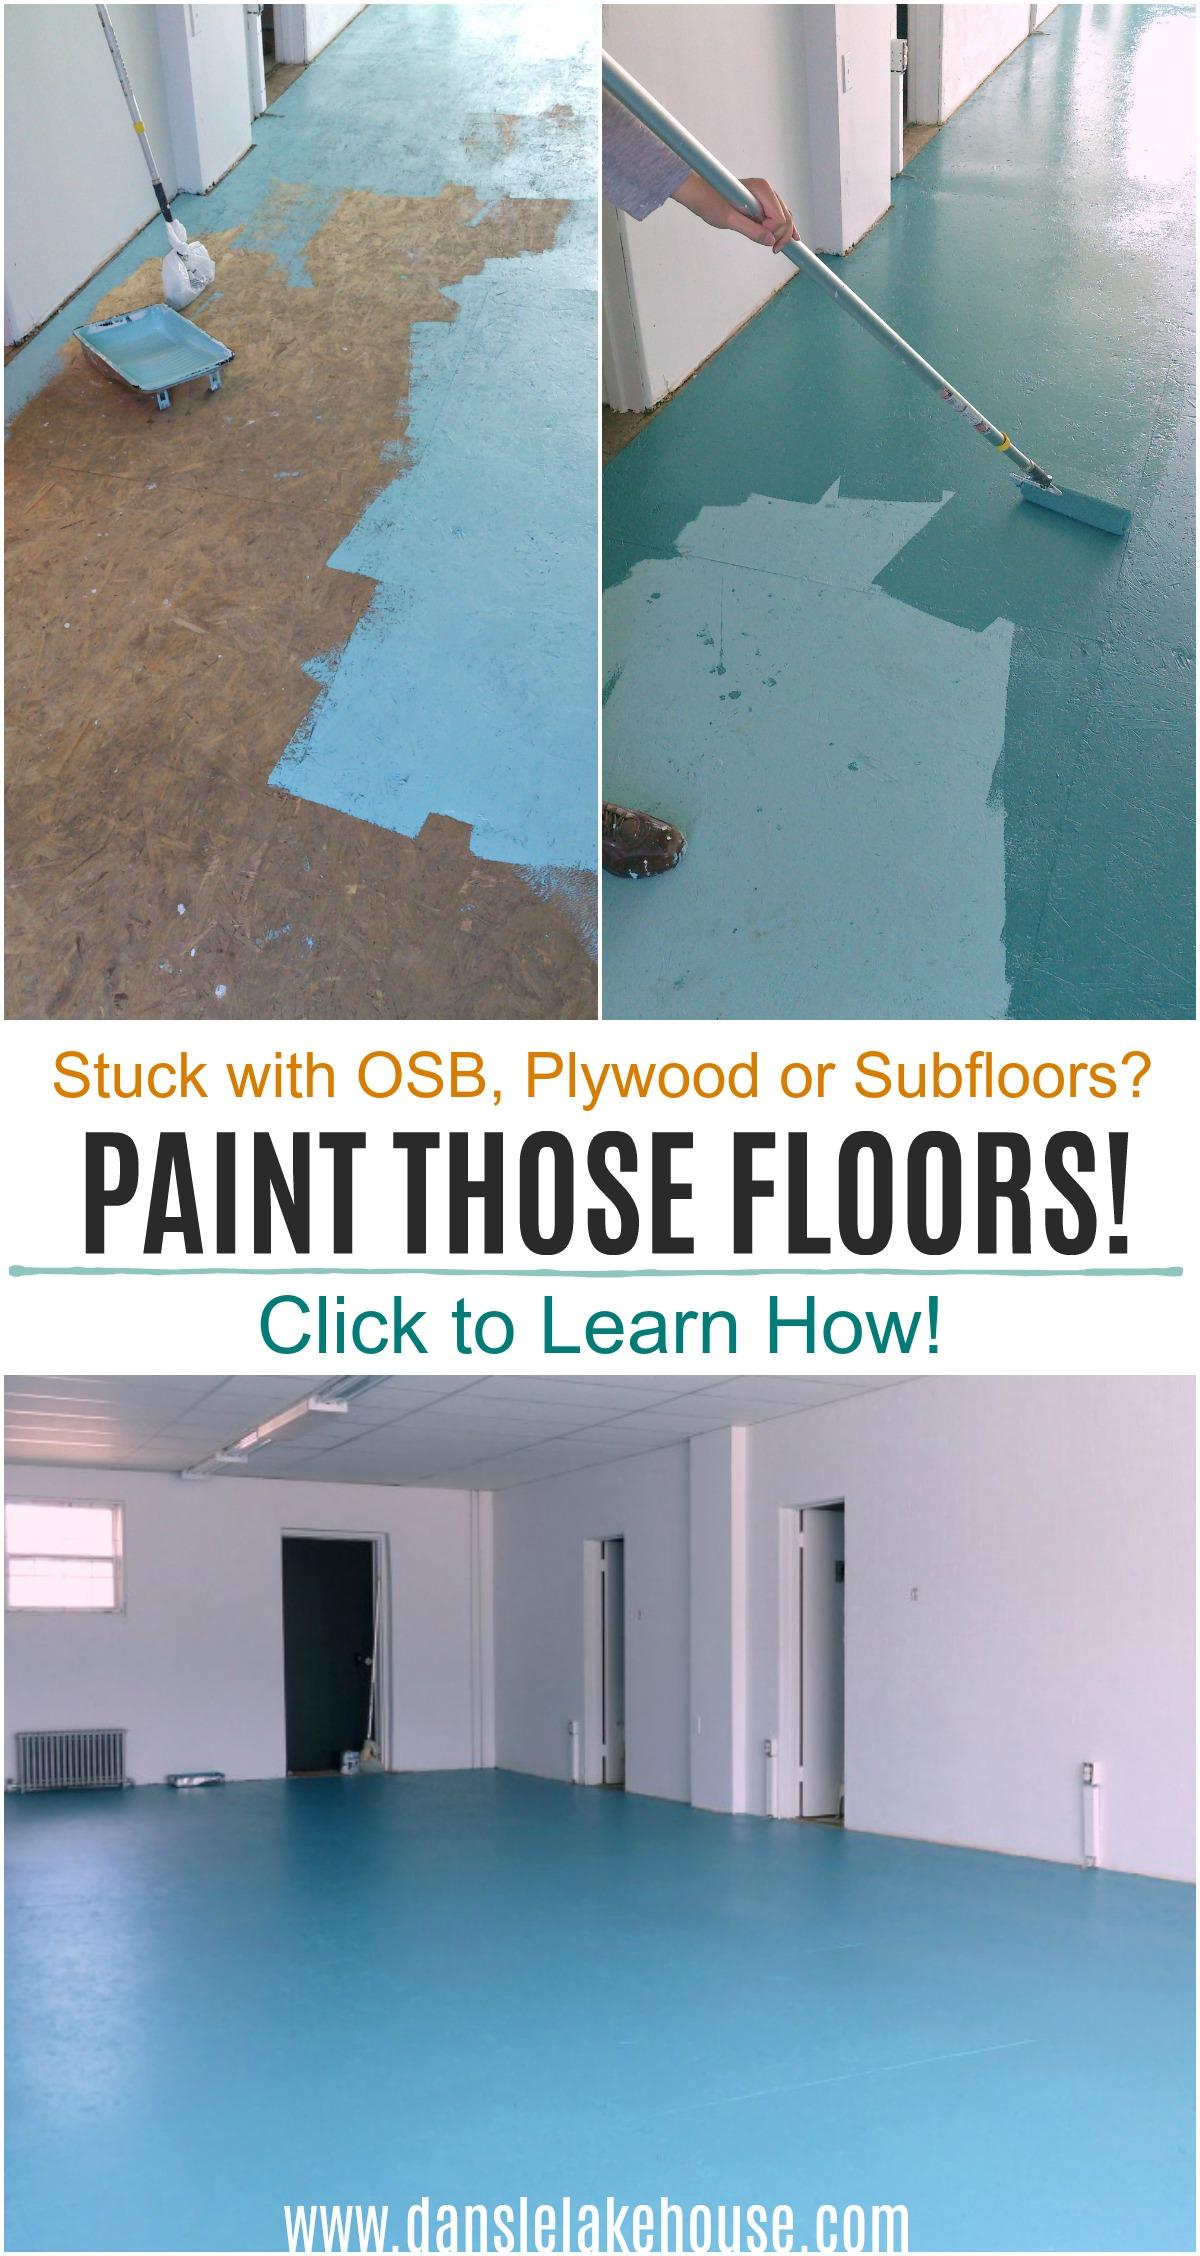 How to Paint OSB Floors